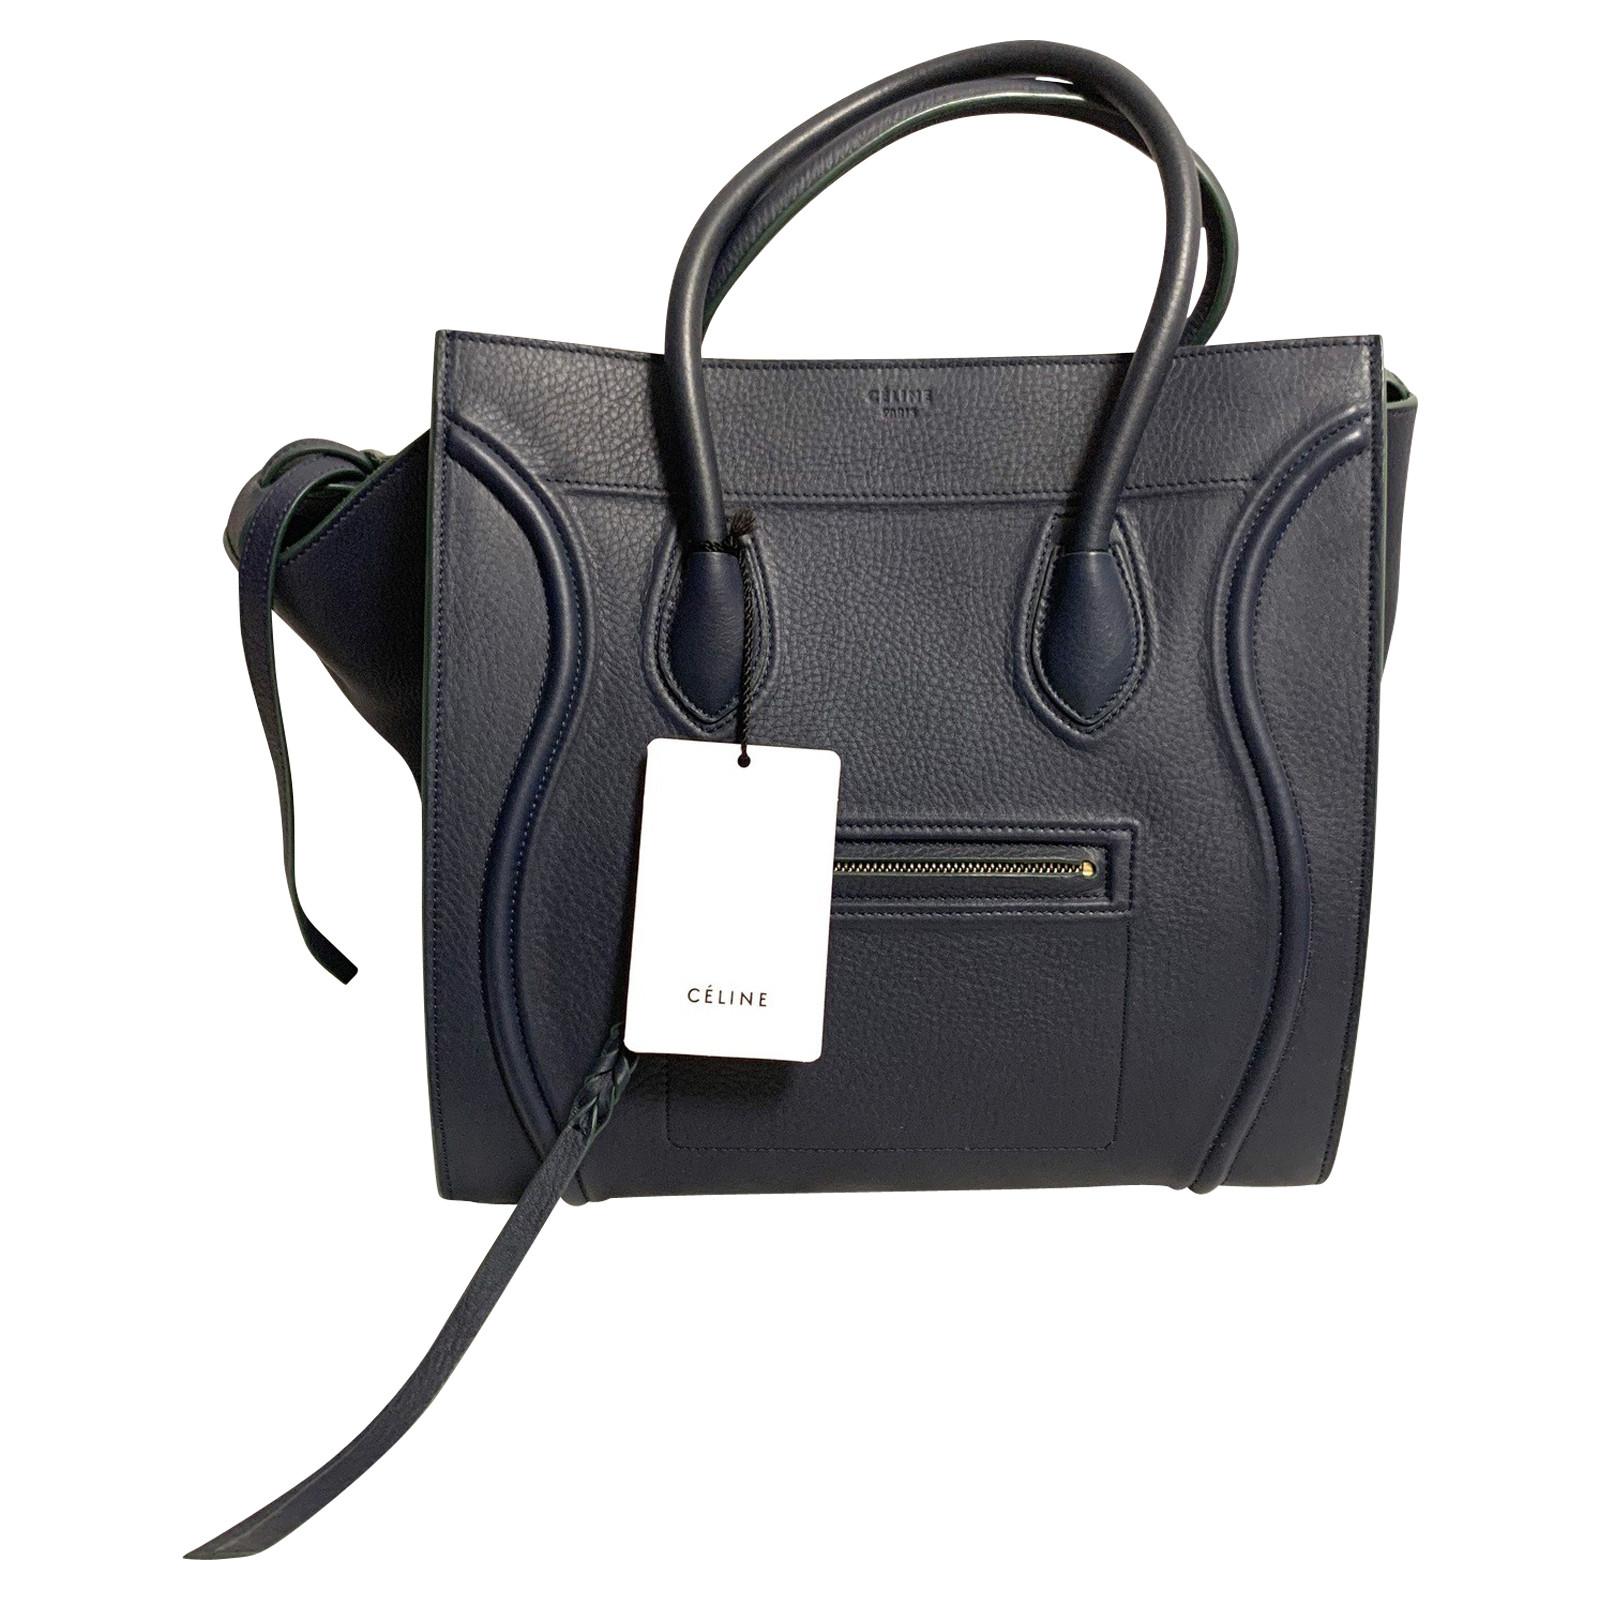 Céline Handtasche aus Leder in Blau Second Hand Céline